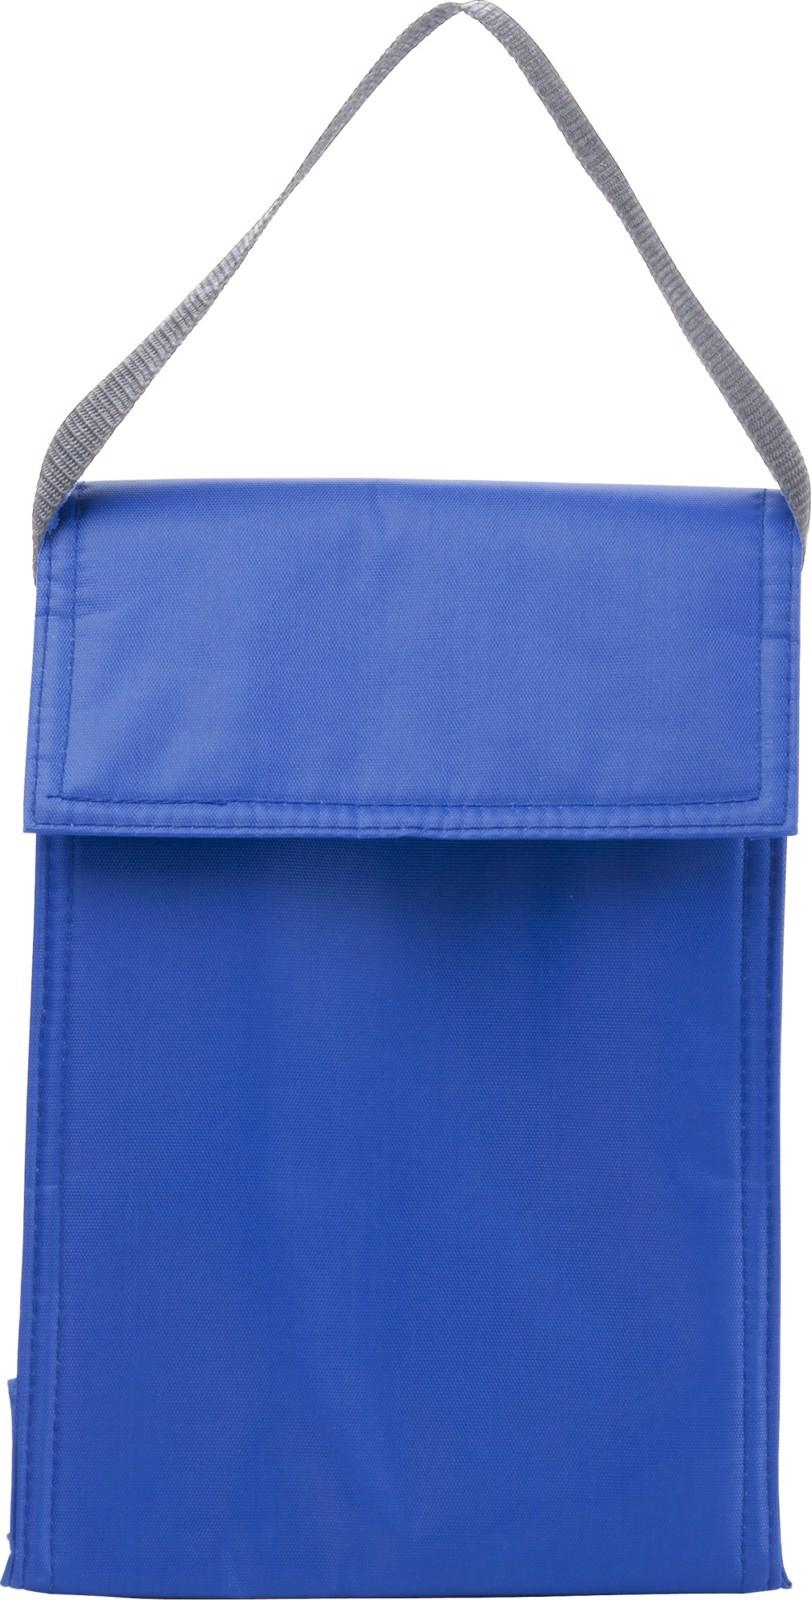 Polyester  (420D) cooler/lunch bag - Cobalt Blue